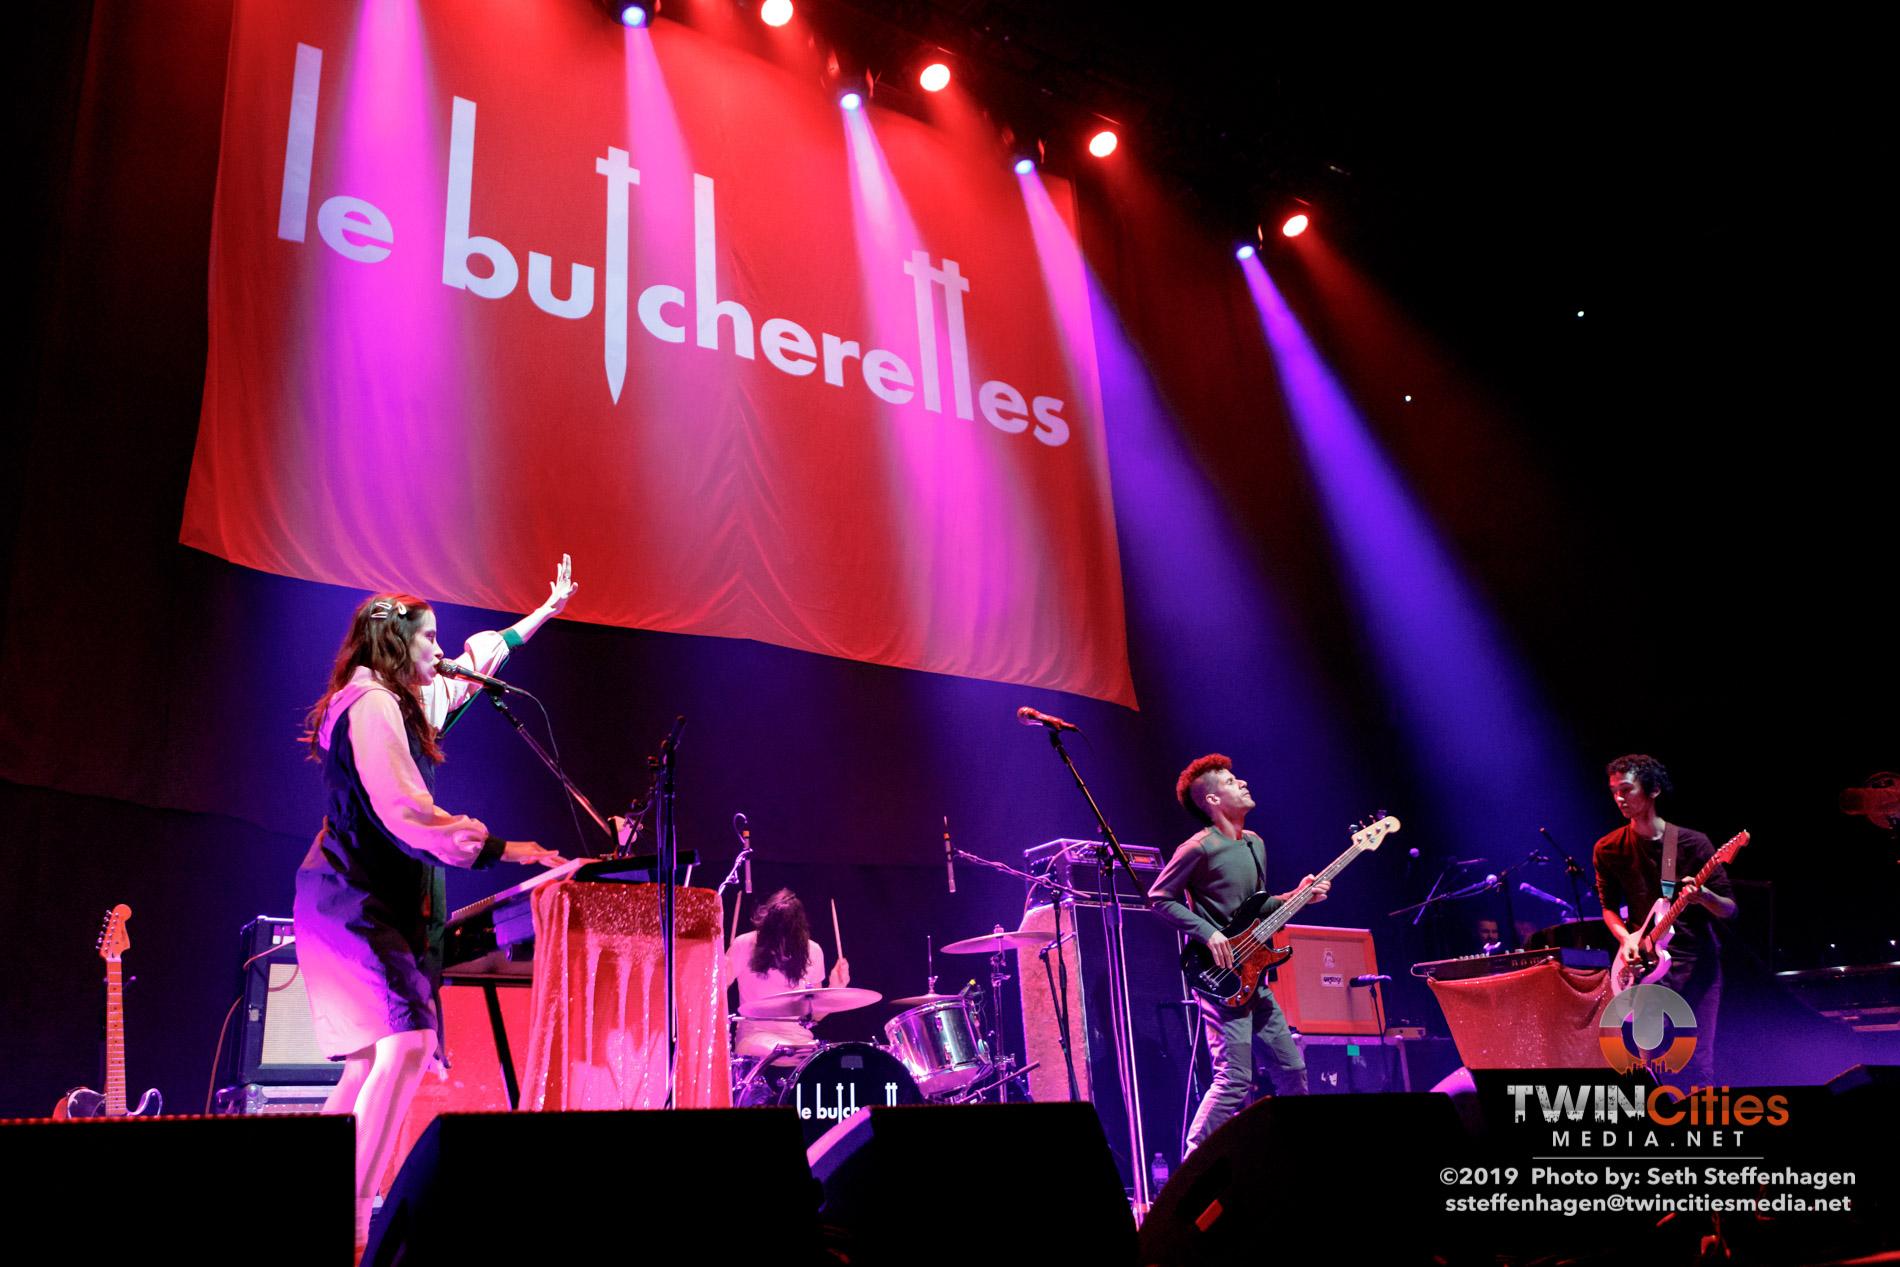 Le-Butcherettes-2